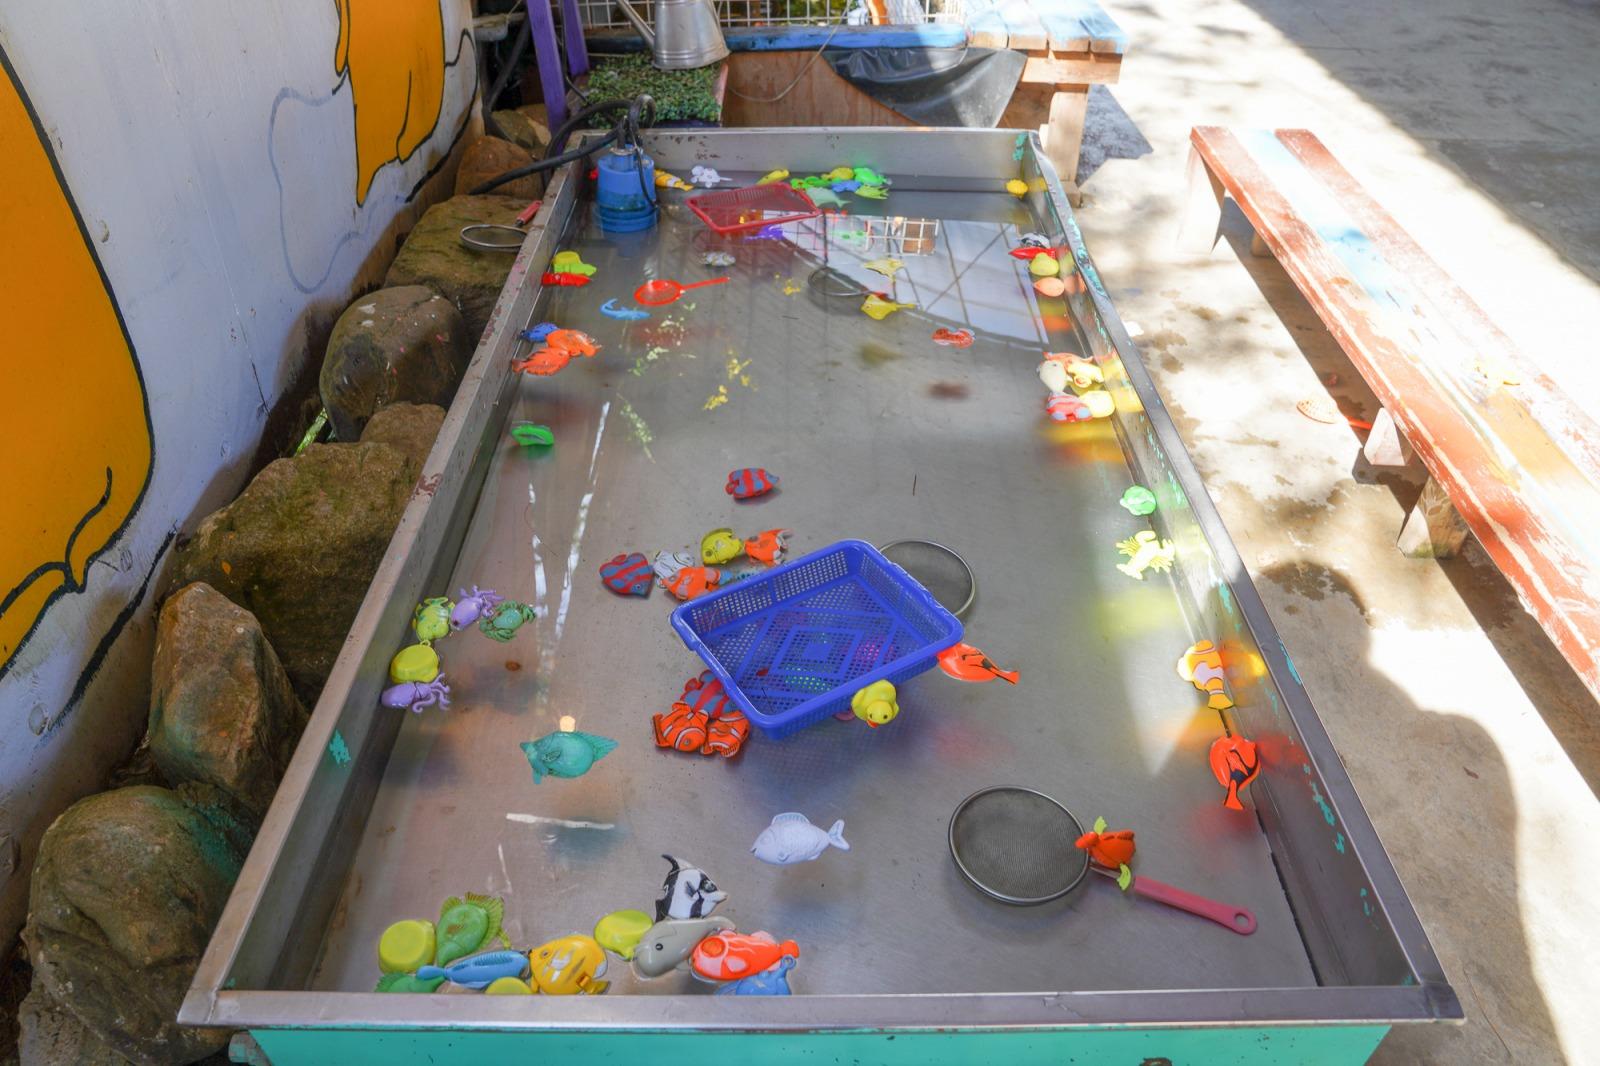 台中親子景點》可以玩整天!公老坪夢想廚房,好好玩的兒童遊戲區、情侶約會,火鍋簡餐都好吃的景觀餐廳